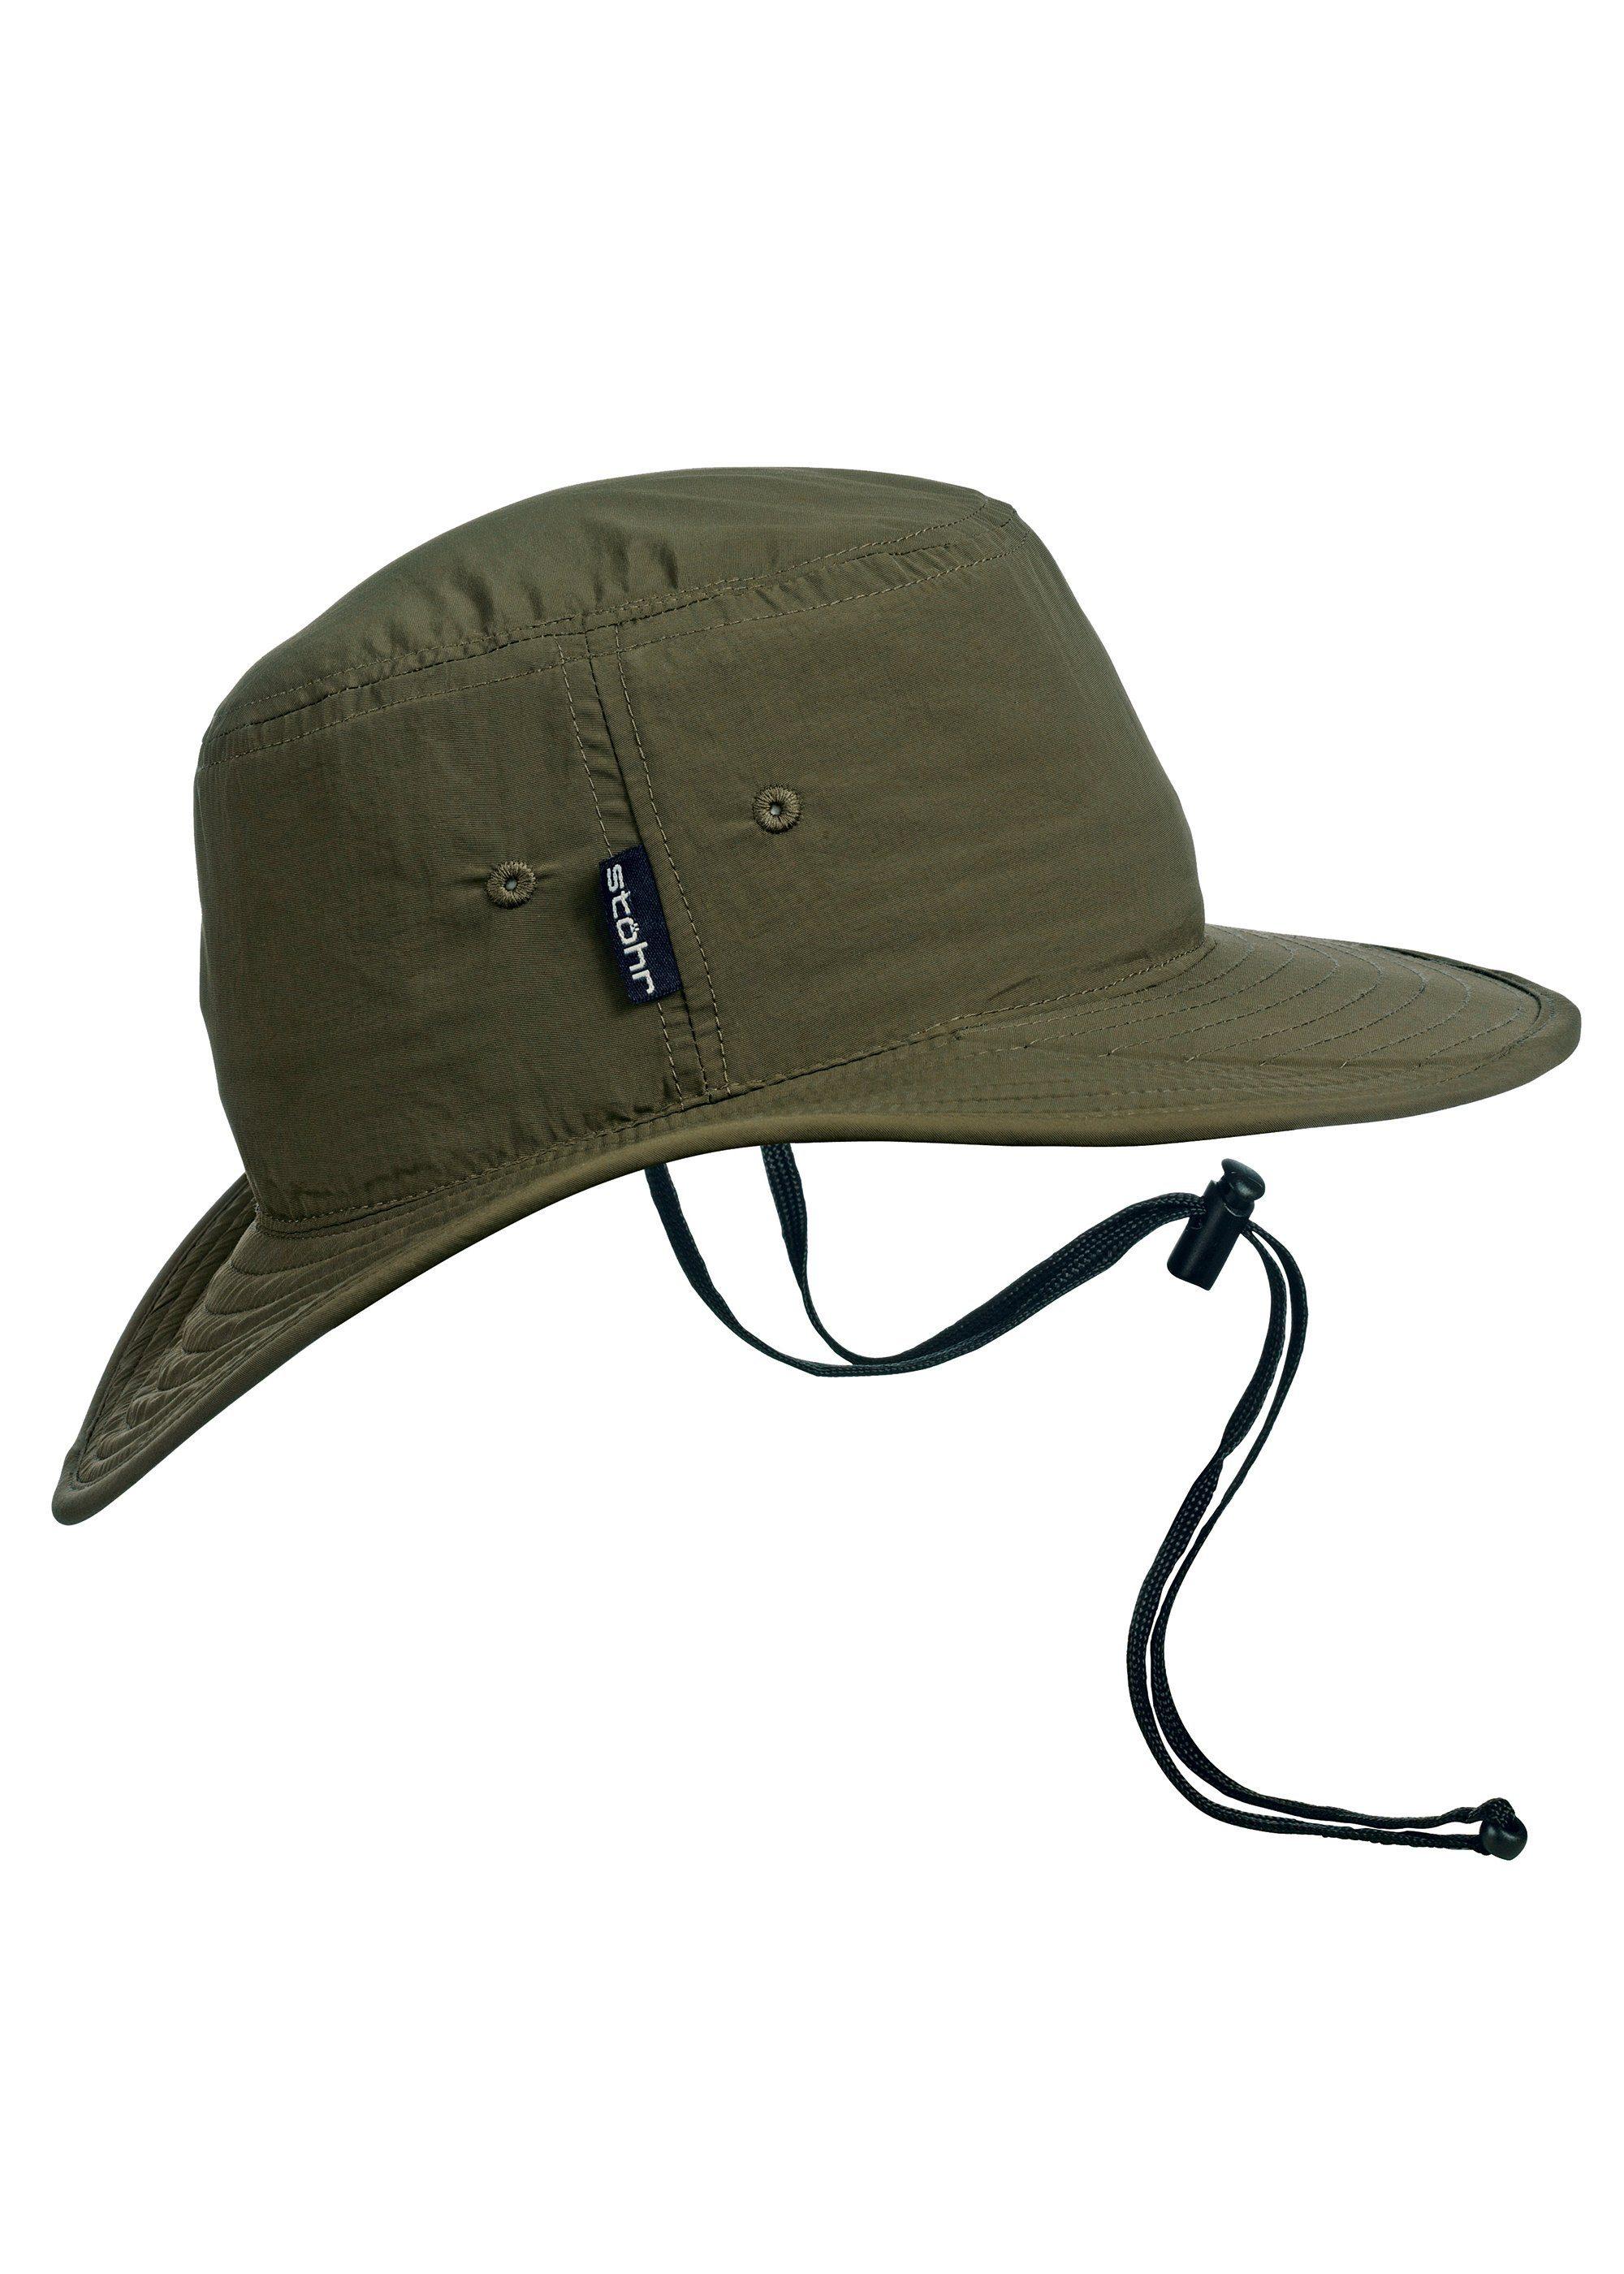 Stöhr Hut mit eingearbeitetem Schild in der Krempe | Accessoires > Hüte | Grün | Stöhr